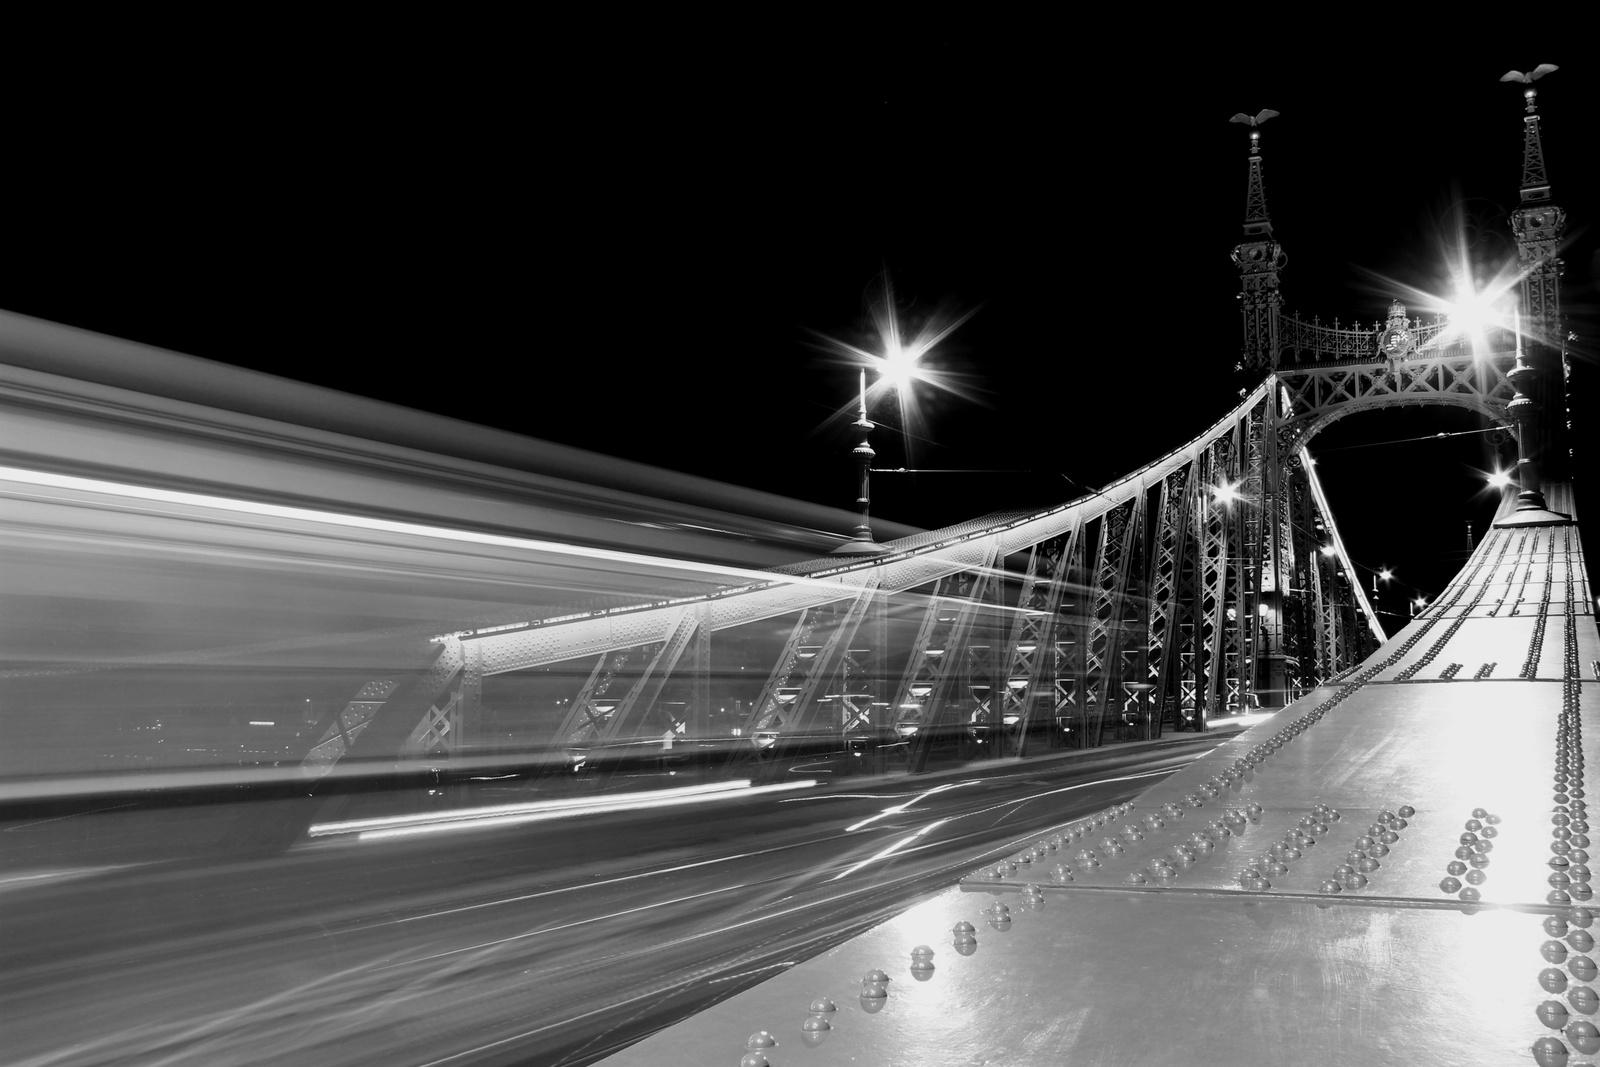 Fényfestés villamossal a Szabadság-hídon